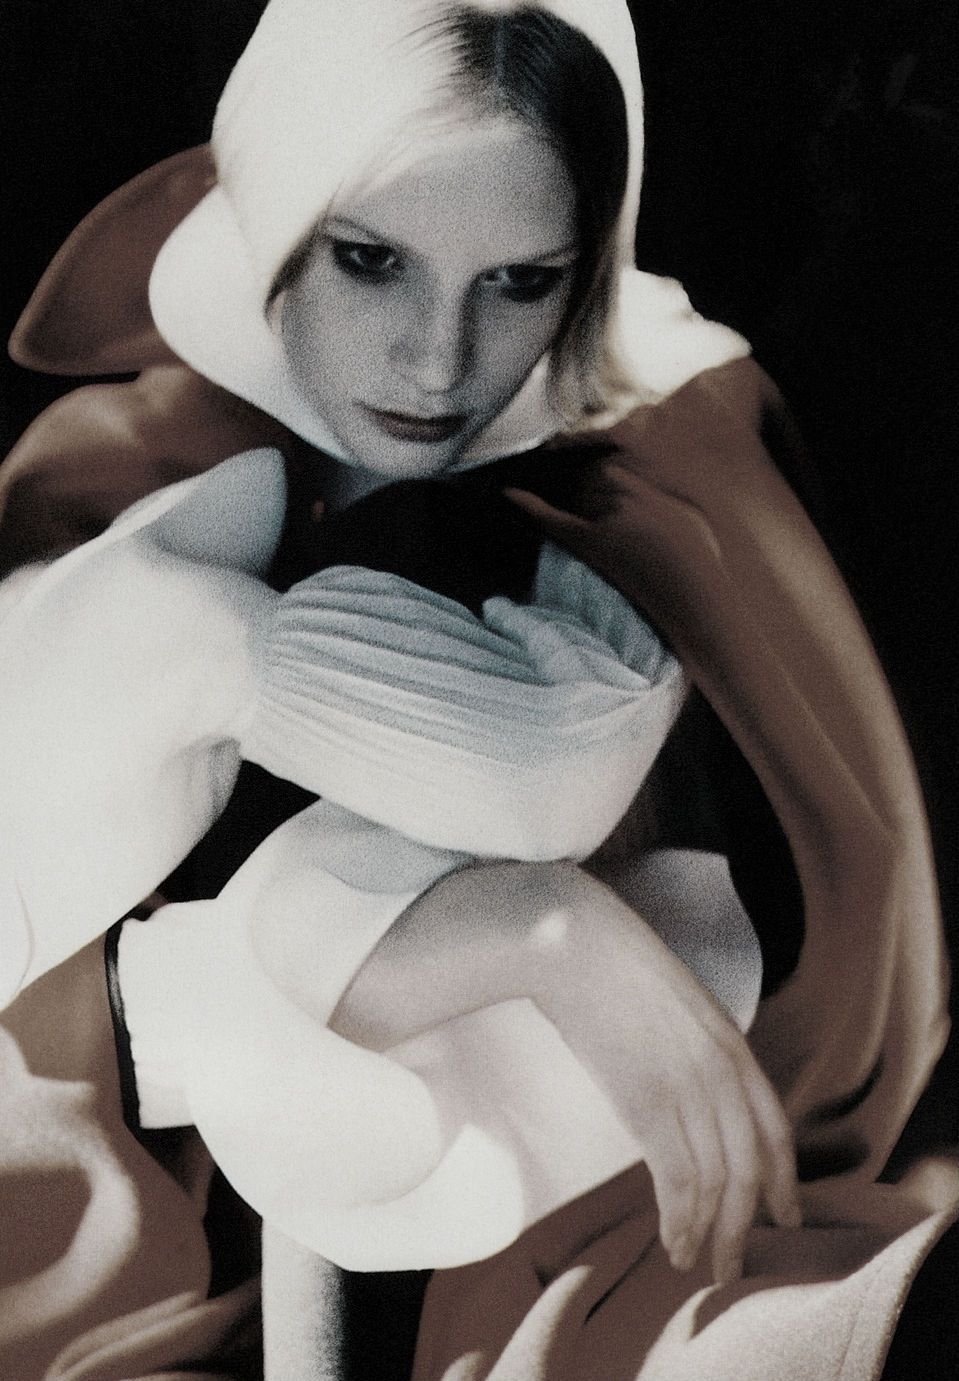 Kirsten_Owen-Javier_Valhonrat-Vogue_Italia-thedoppelganger.jpeg